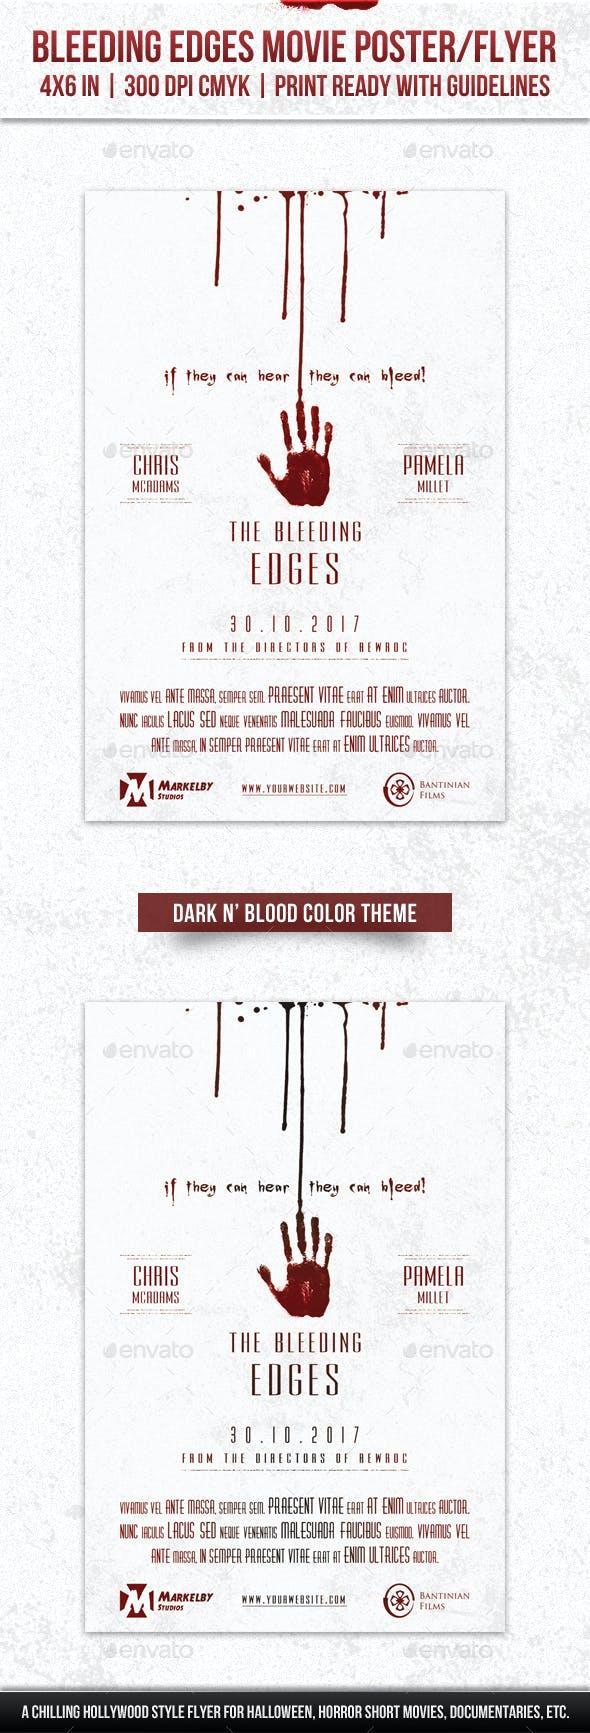 Bleeding Edges Movie Poster Flyer